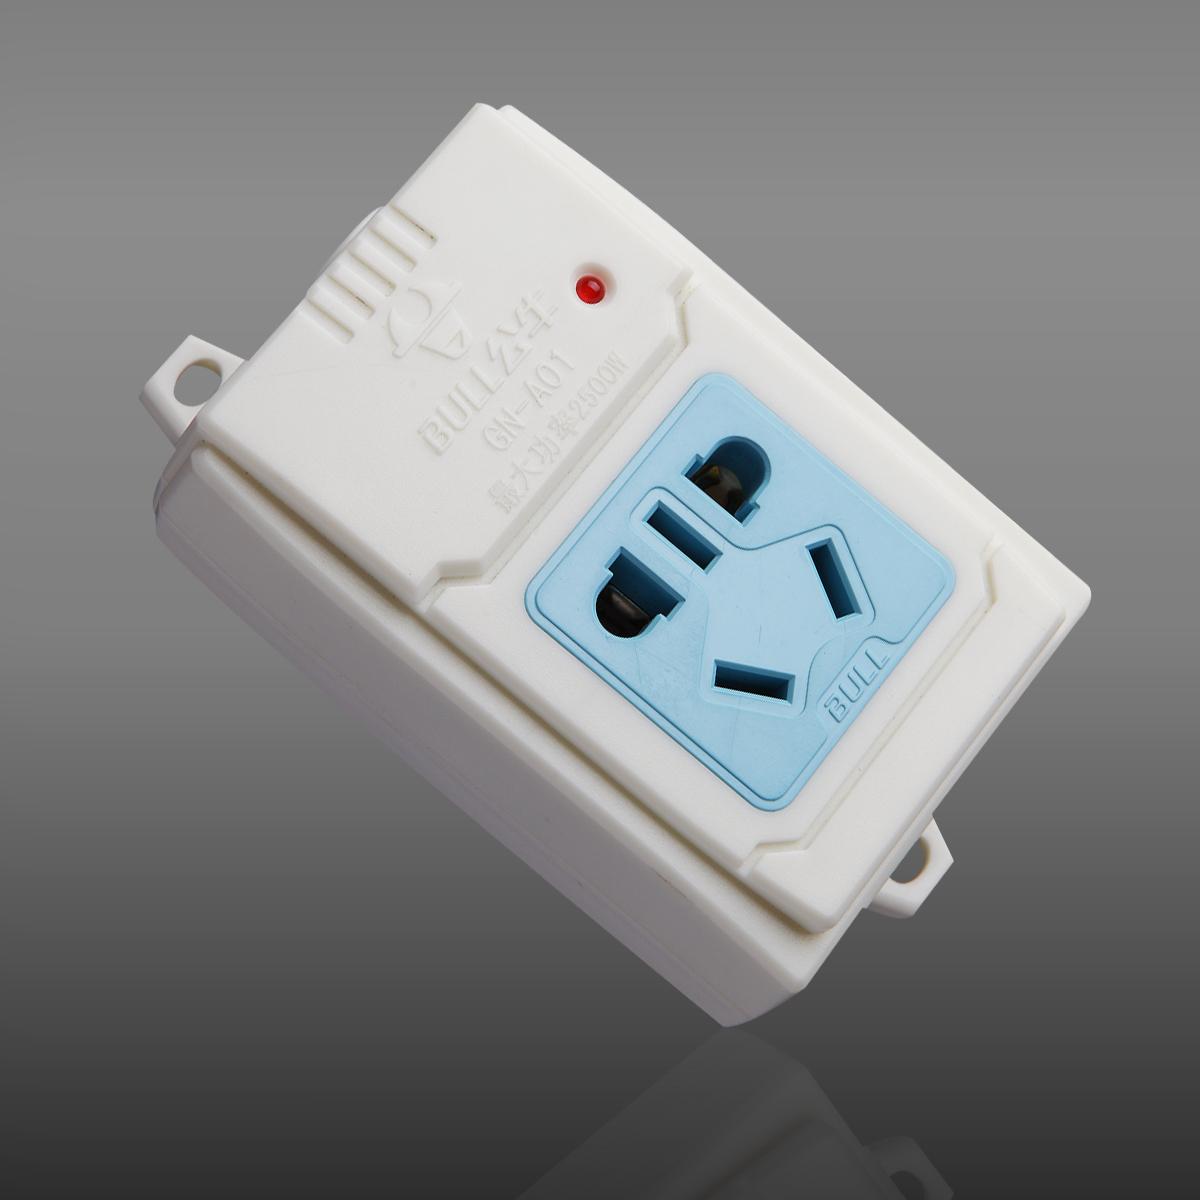 公牛家用无线插座插线板开电源线接线板插排自接线